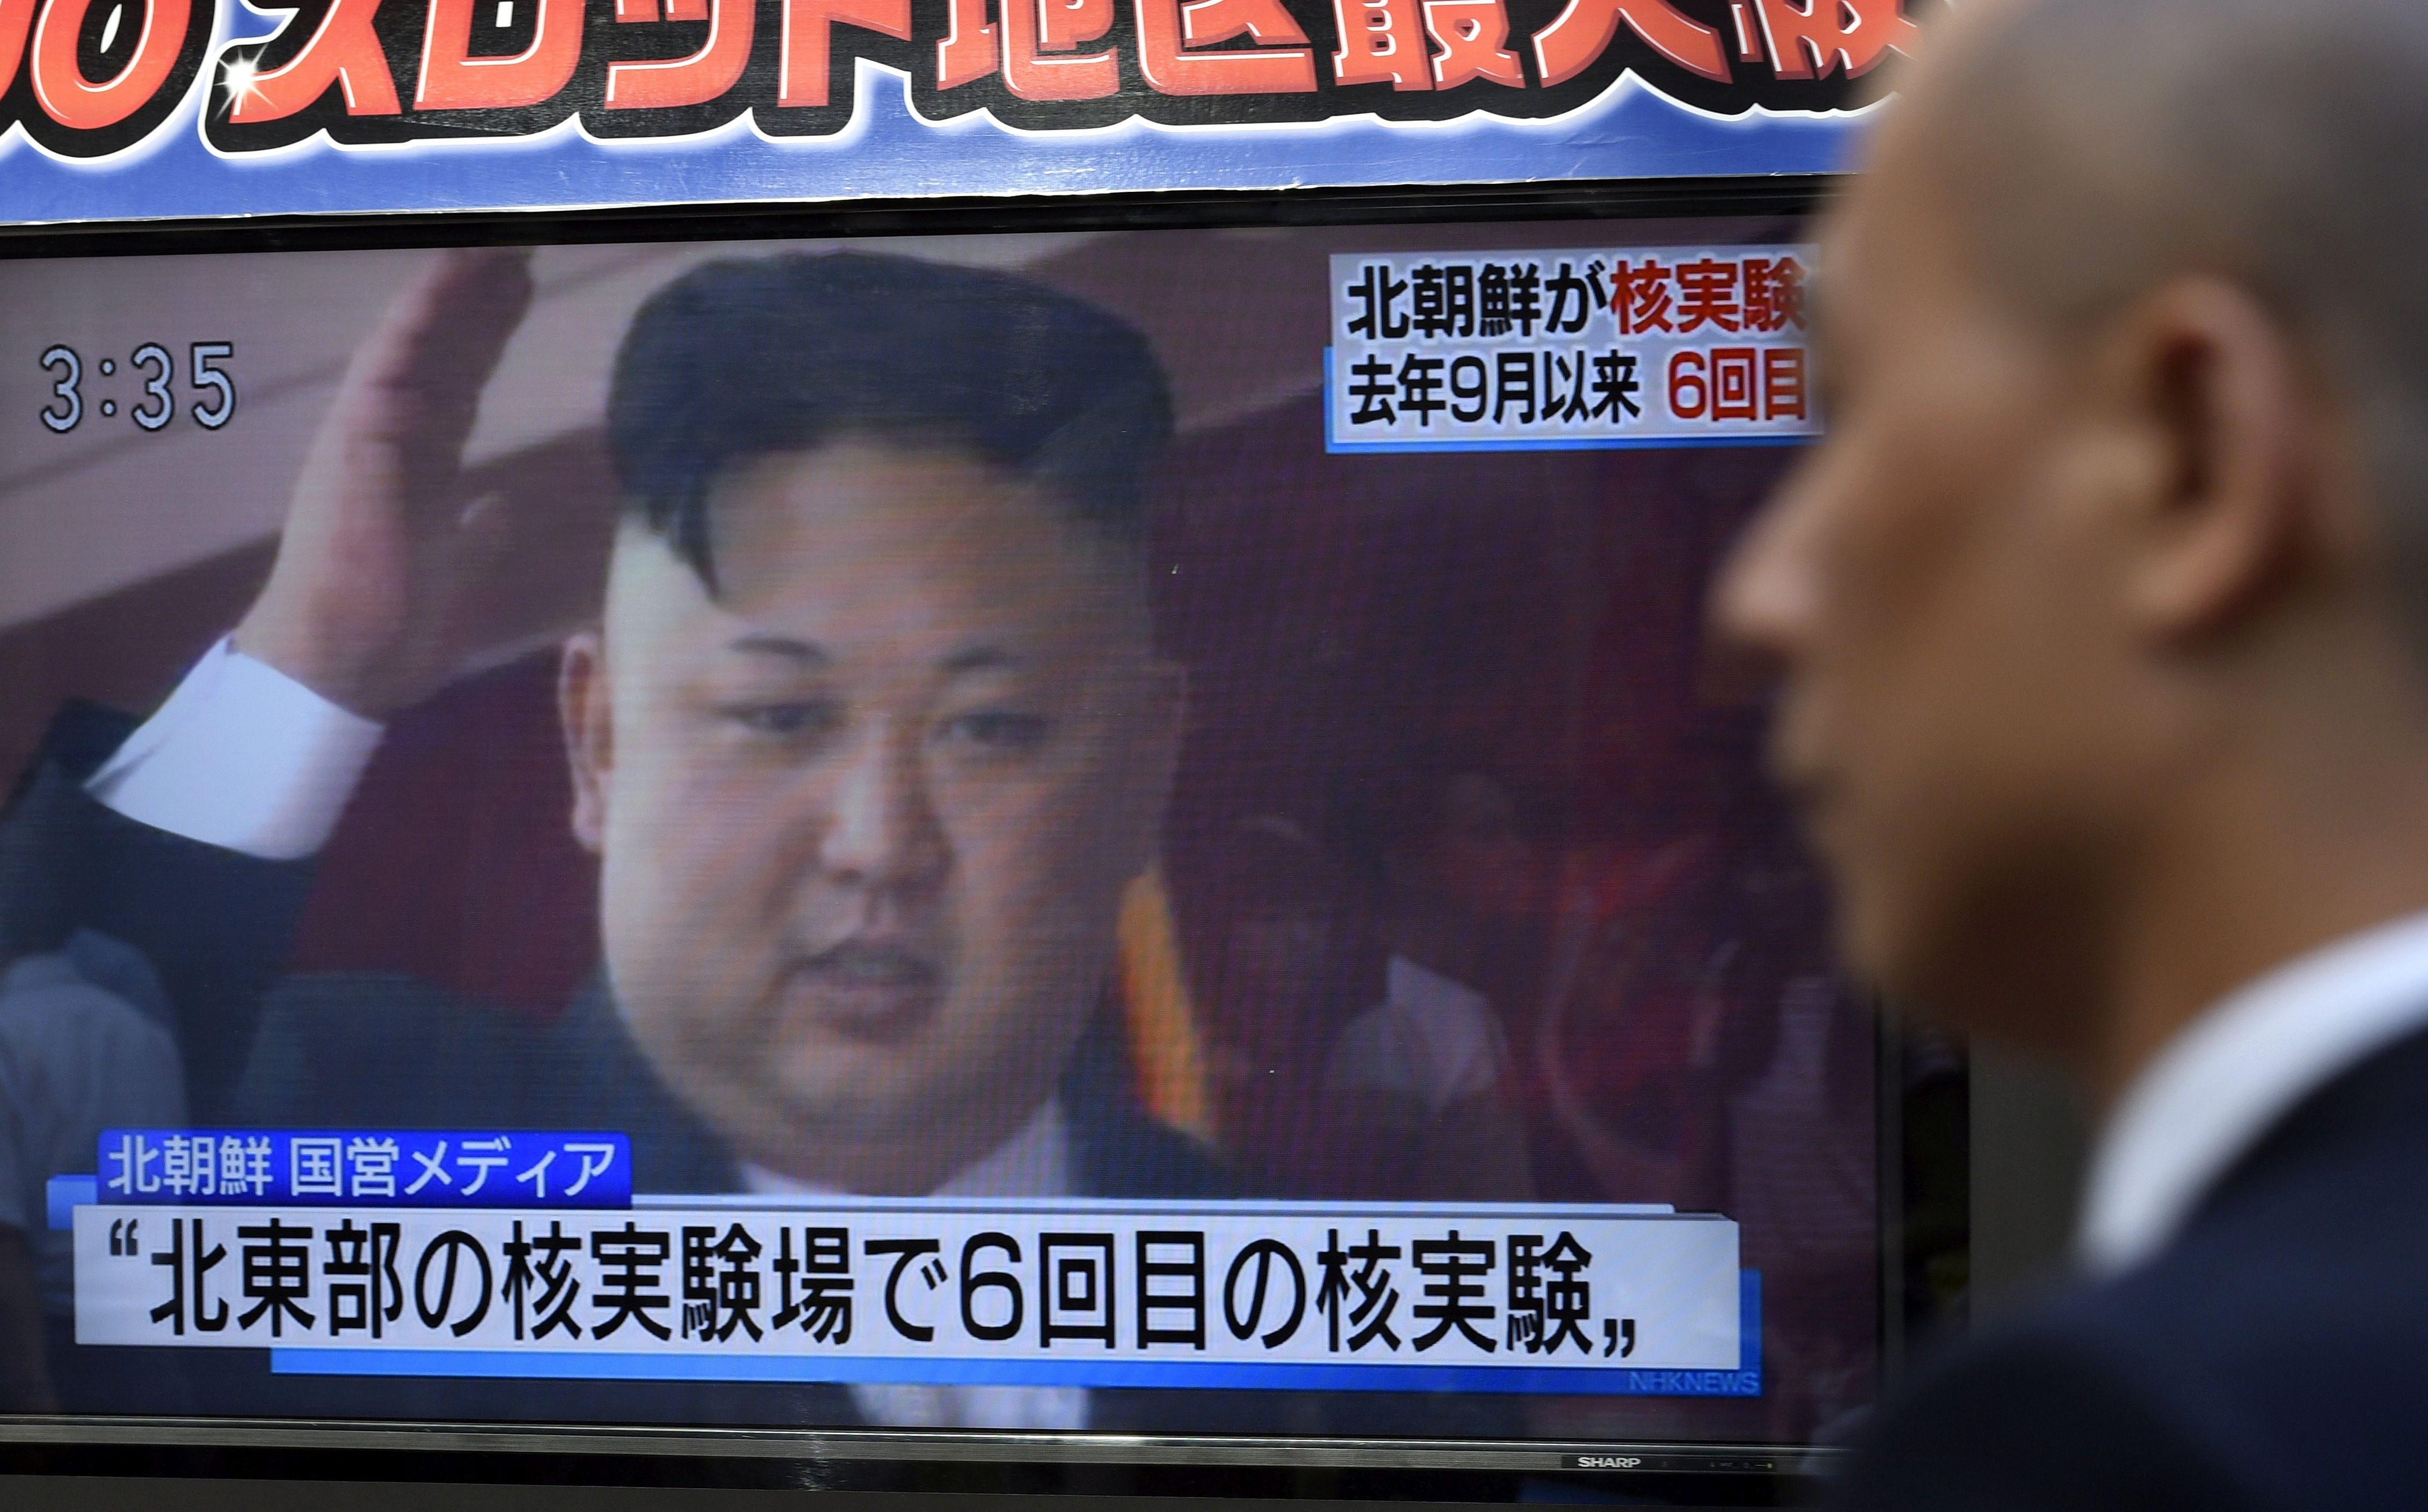 Sjevernokorejski orkestar nastupit će na ZOI u Južnoj Koreji